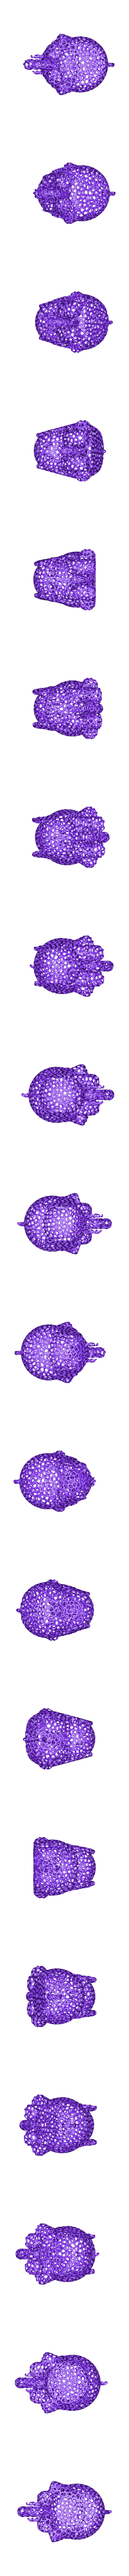 elephant_voronoizationed.stl Download free OBJ file Elephant #MakerEdChallenge • 3D printable design, Pwenyrr